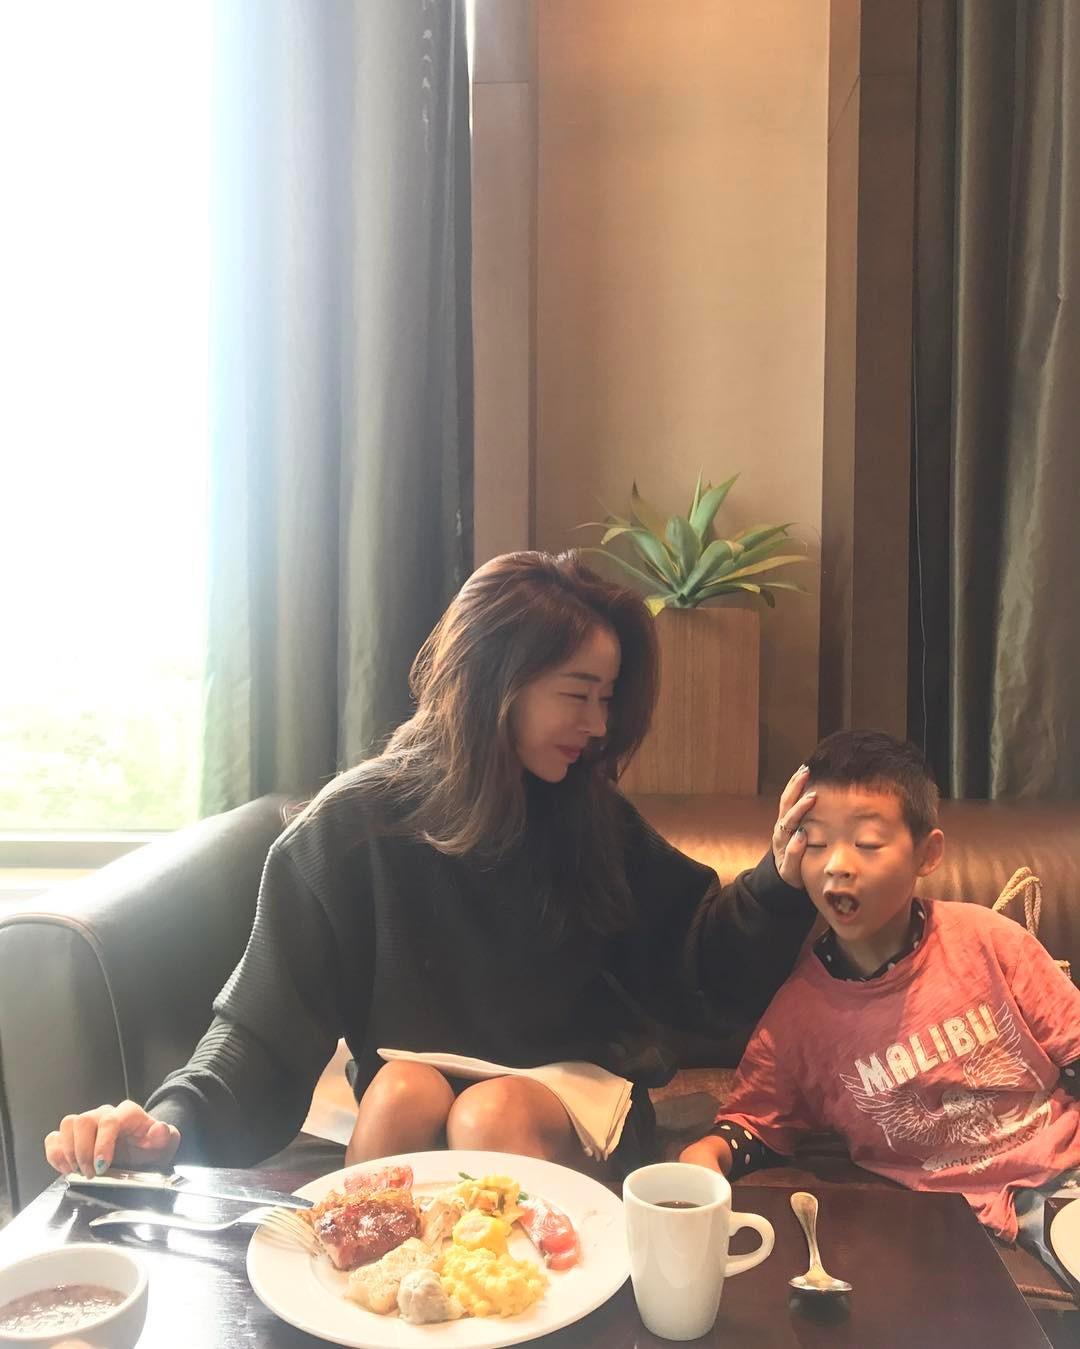 Nhan sắc trẻ trung không đùa được của bà mẹ 43 tuổi xứ Hàn khiến nhiều người tưởng mới đôi mươi - Ảnh 11.